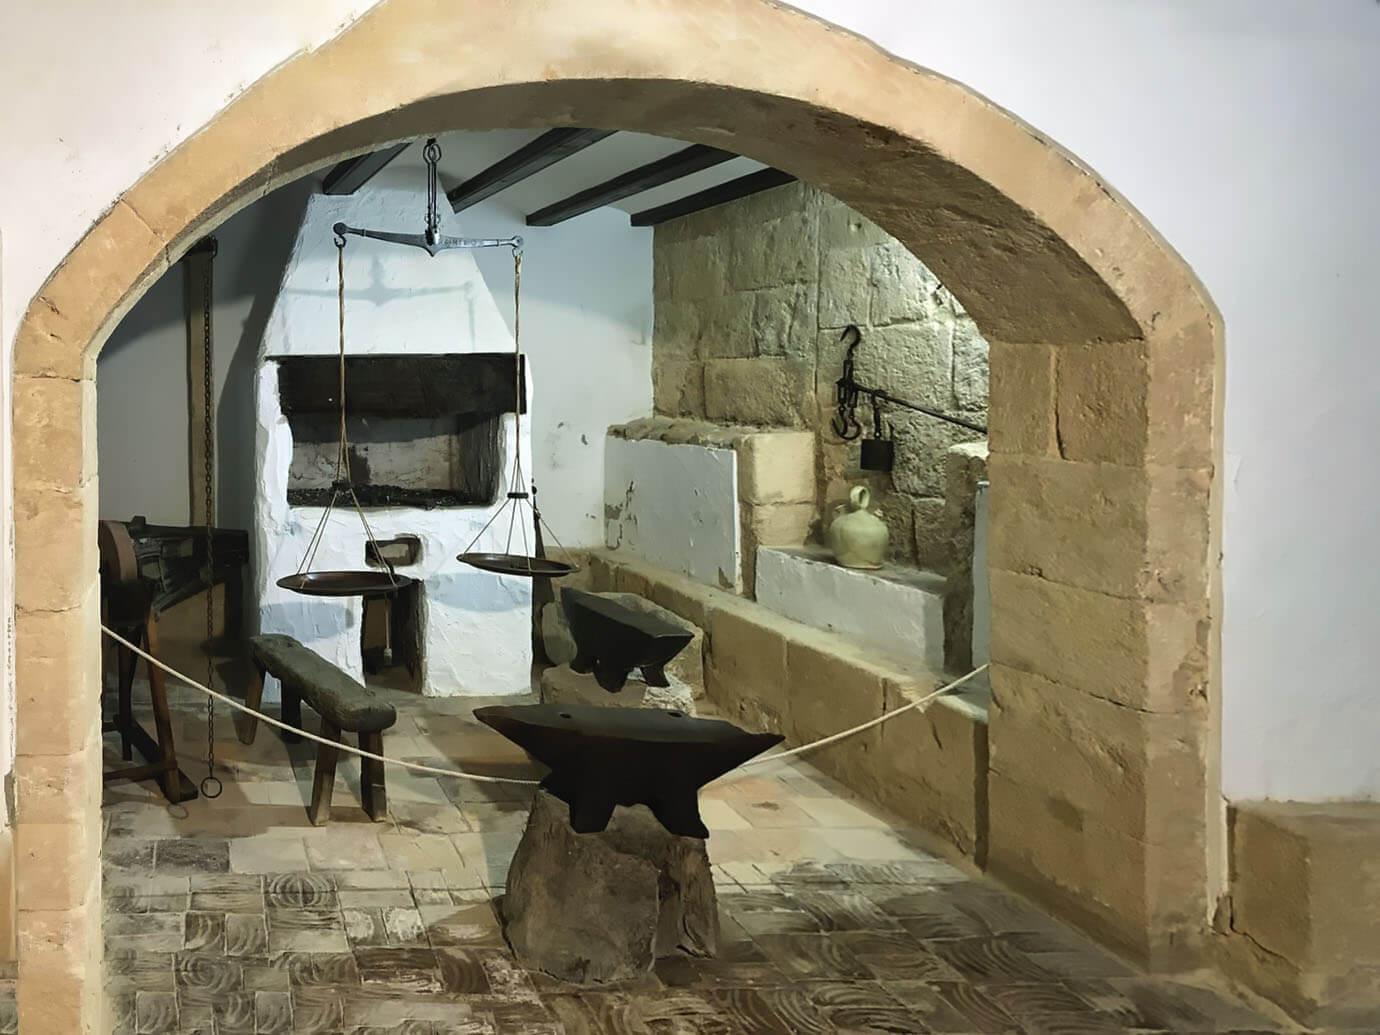 Geschiedenis, Javea, Xabia, Costa-Blanca, Archeologisch en Etnografisch Museum